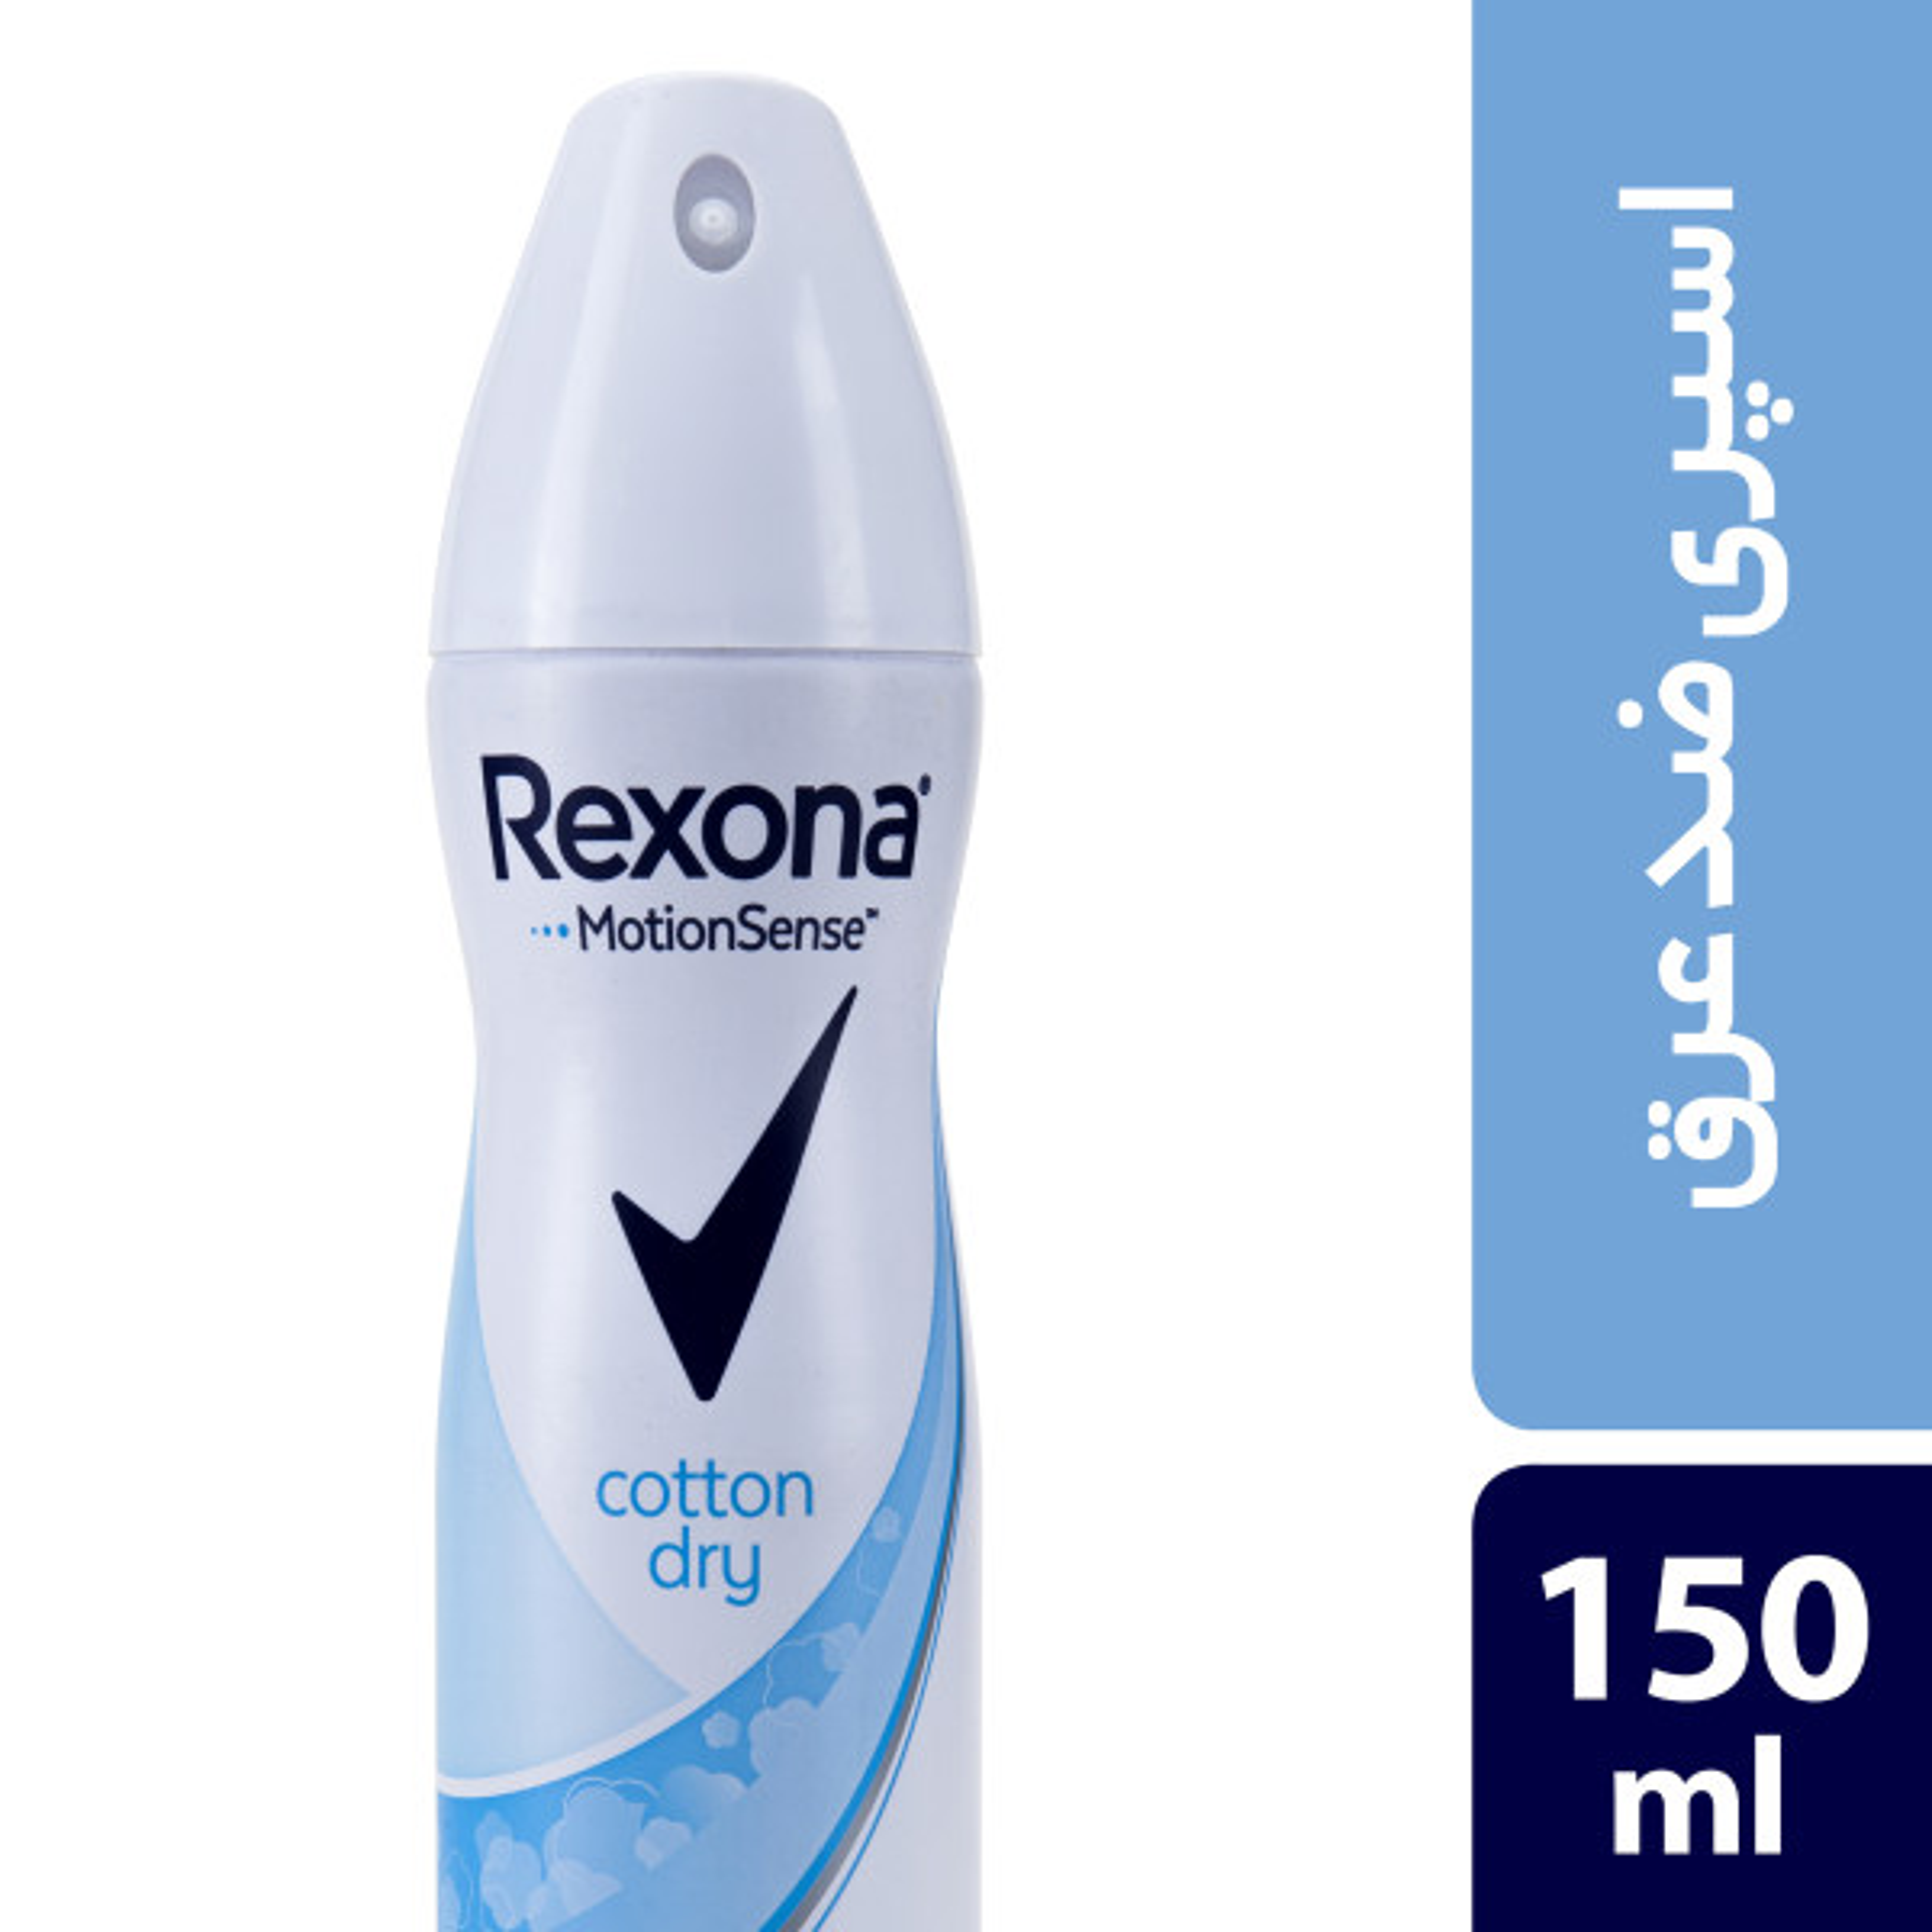 اسپری خوشبو کننده بدن زنانه رکسونا مدل Cotton dry حجم 150 میلی لیتر